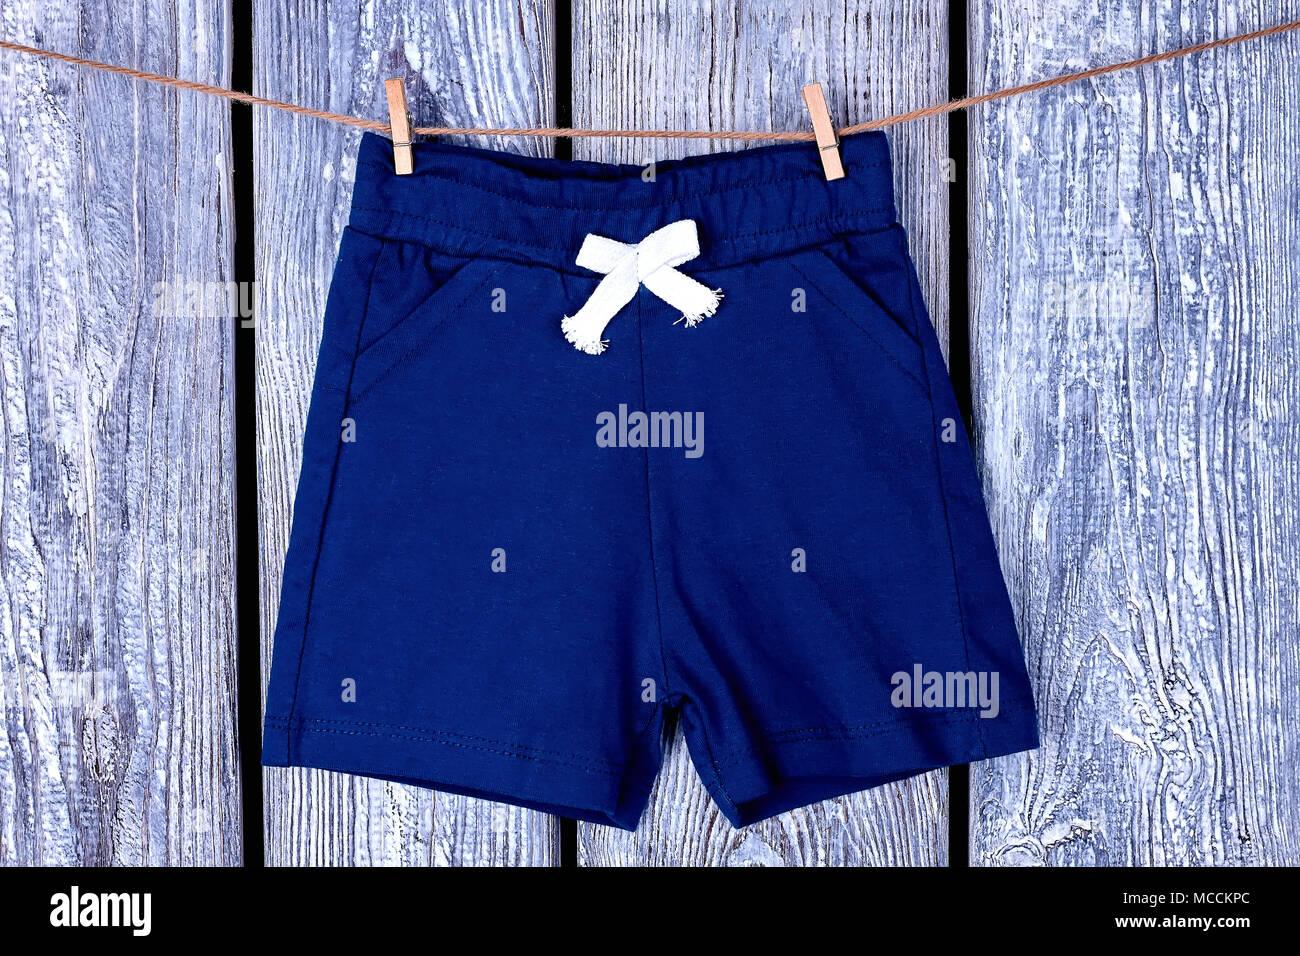 36753e15f9 Grey Cotton Shorts Stock Photos & Grey Cotton Shorts Stock Images ...